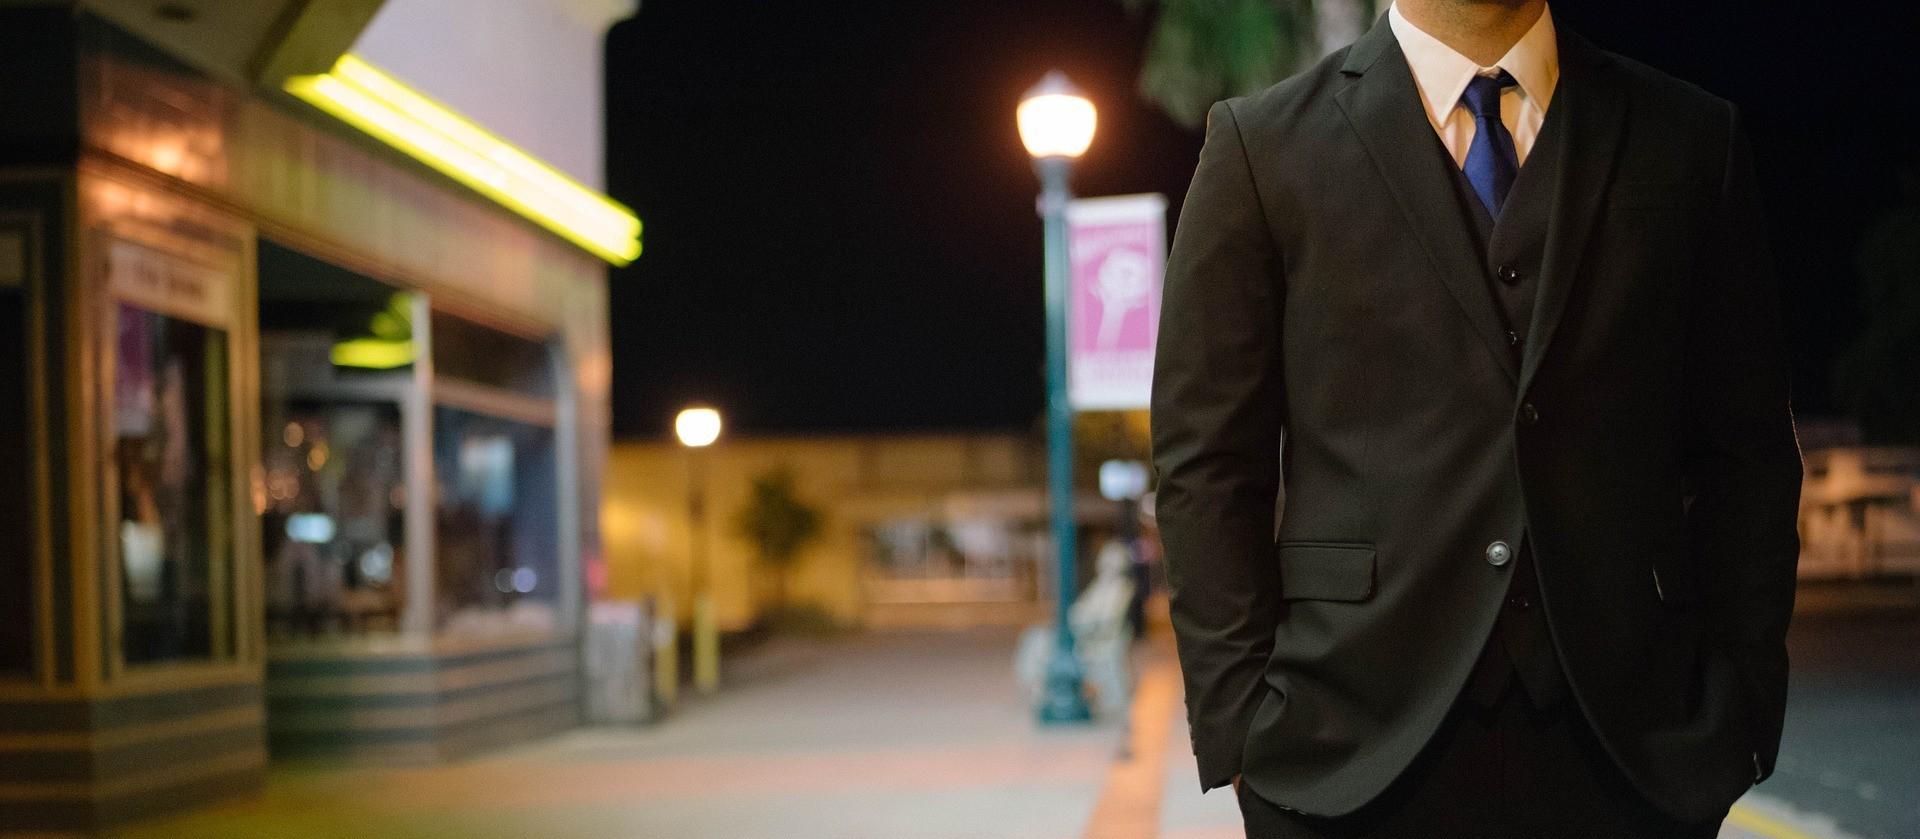 Administrar particularidades é um desafio para o gestor público